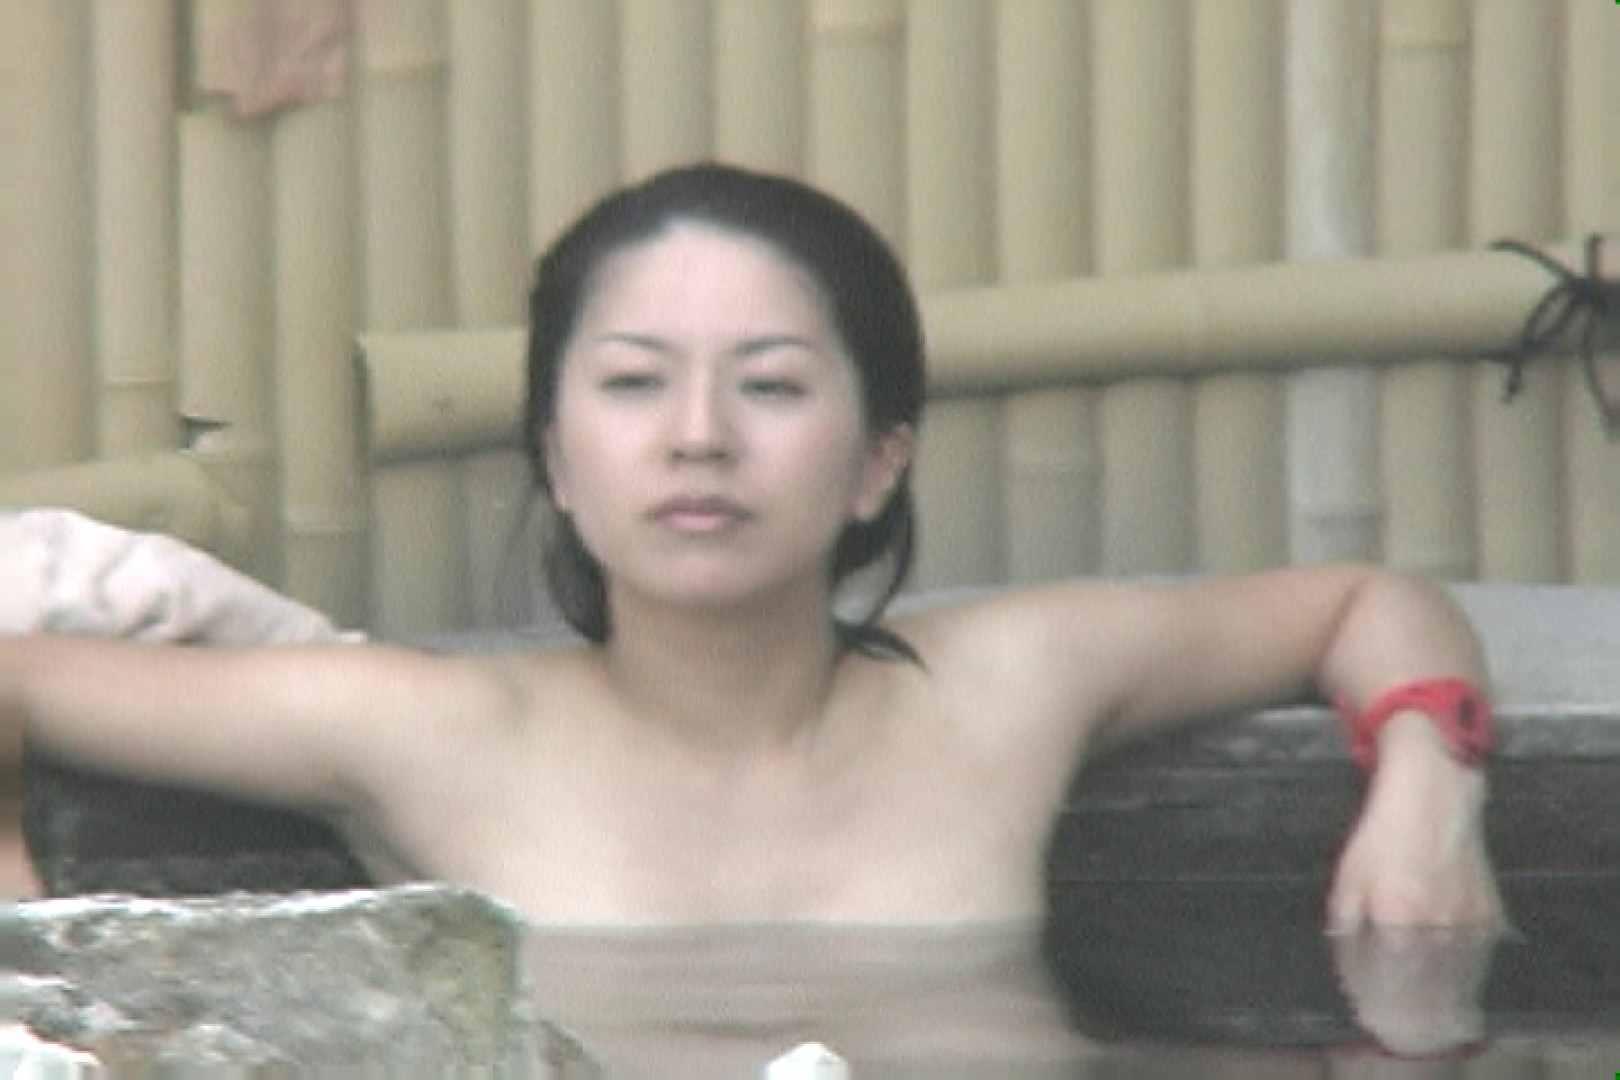 Aquaな露天風呂Vol.694 盗撮  110PICs 60